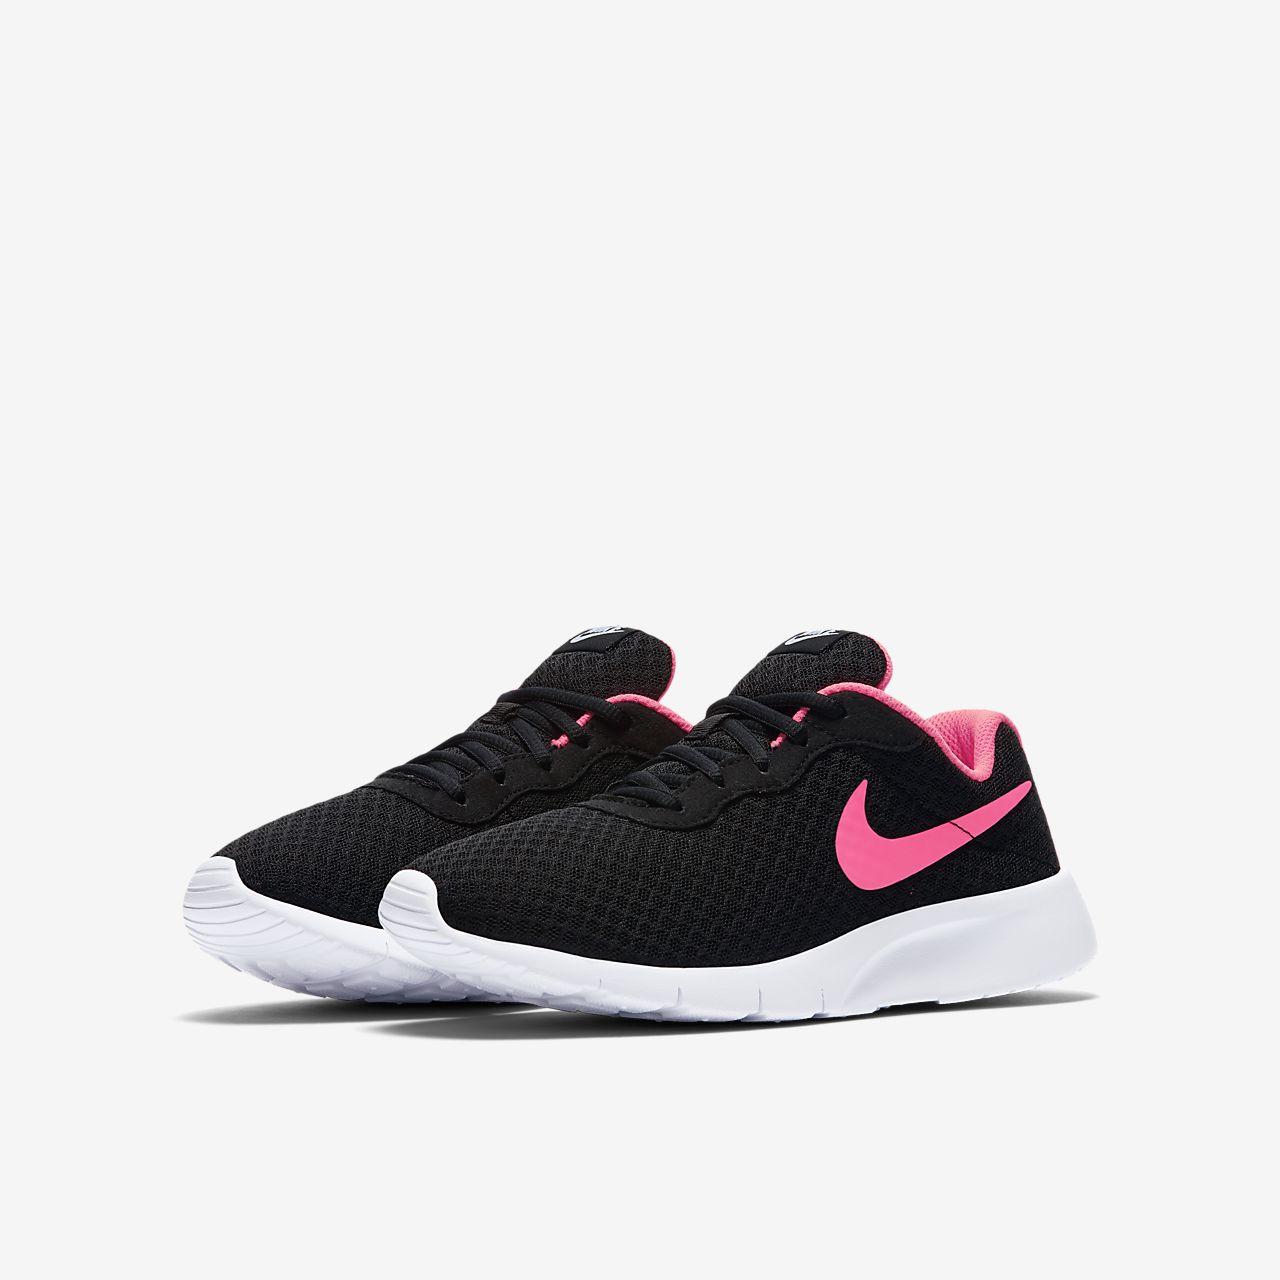 size 40 fc206 2a037 ... Nike Tanjun Schuh für ältere Kinder